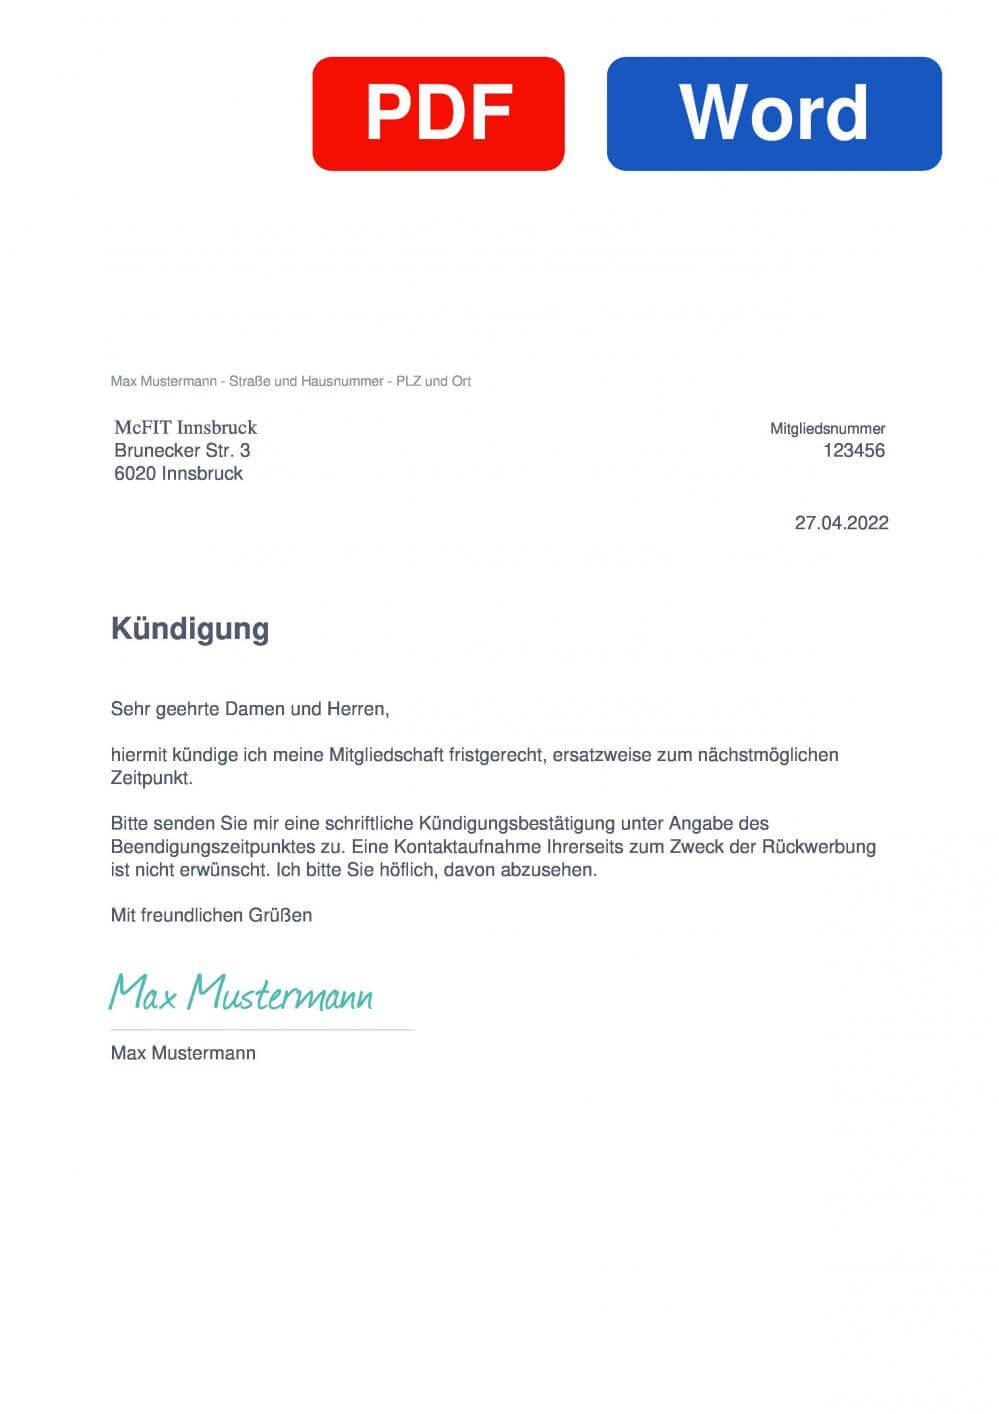 McFIT Innsbruck Muster Vorlage für Kündigungsschreiben